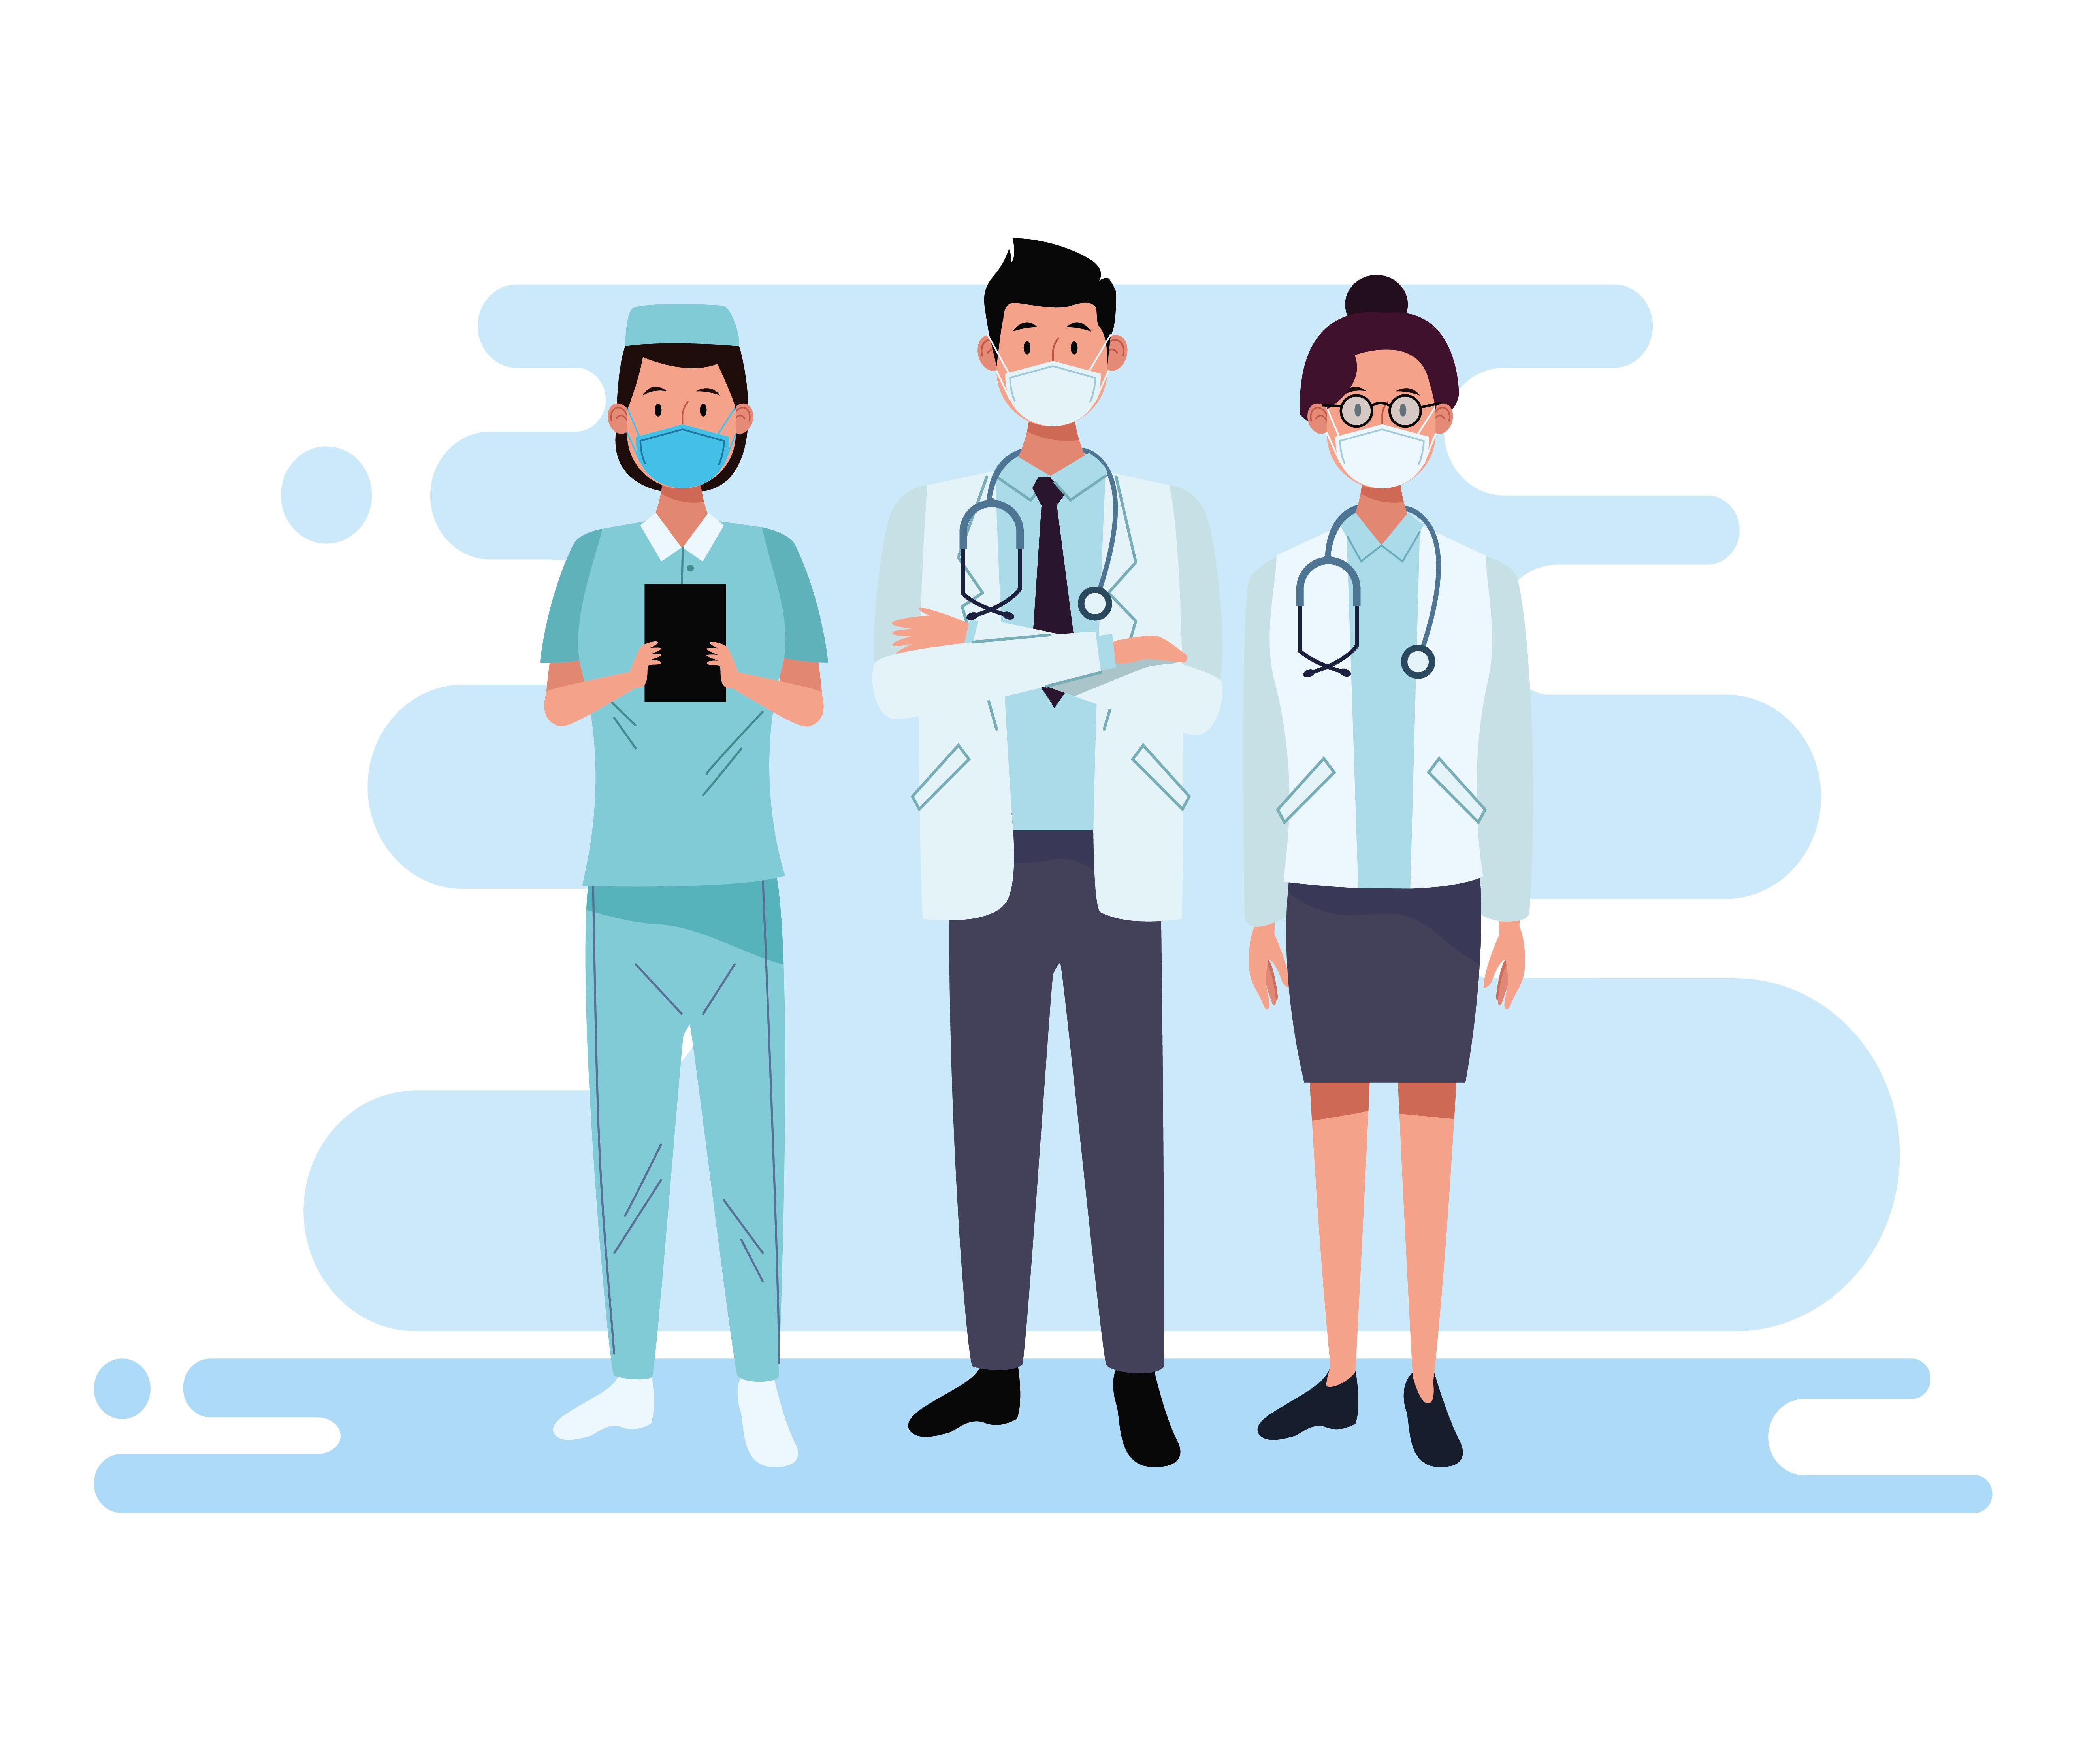 grupo de personajes del personal médico vector